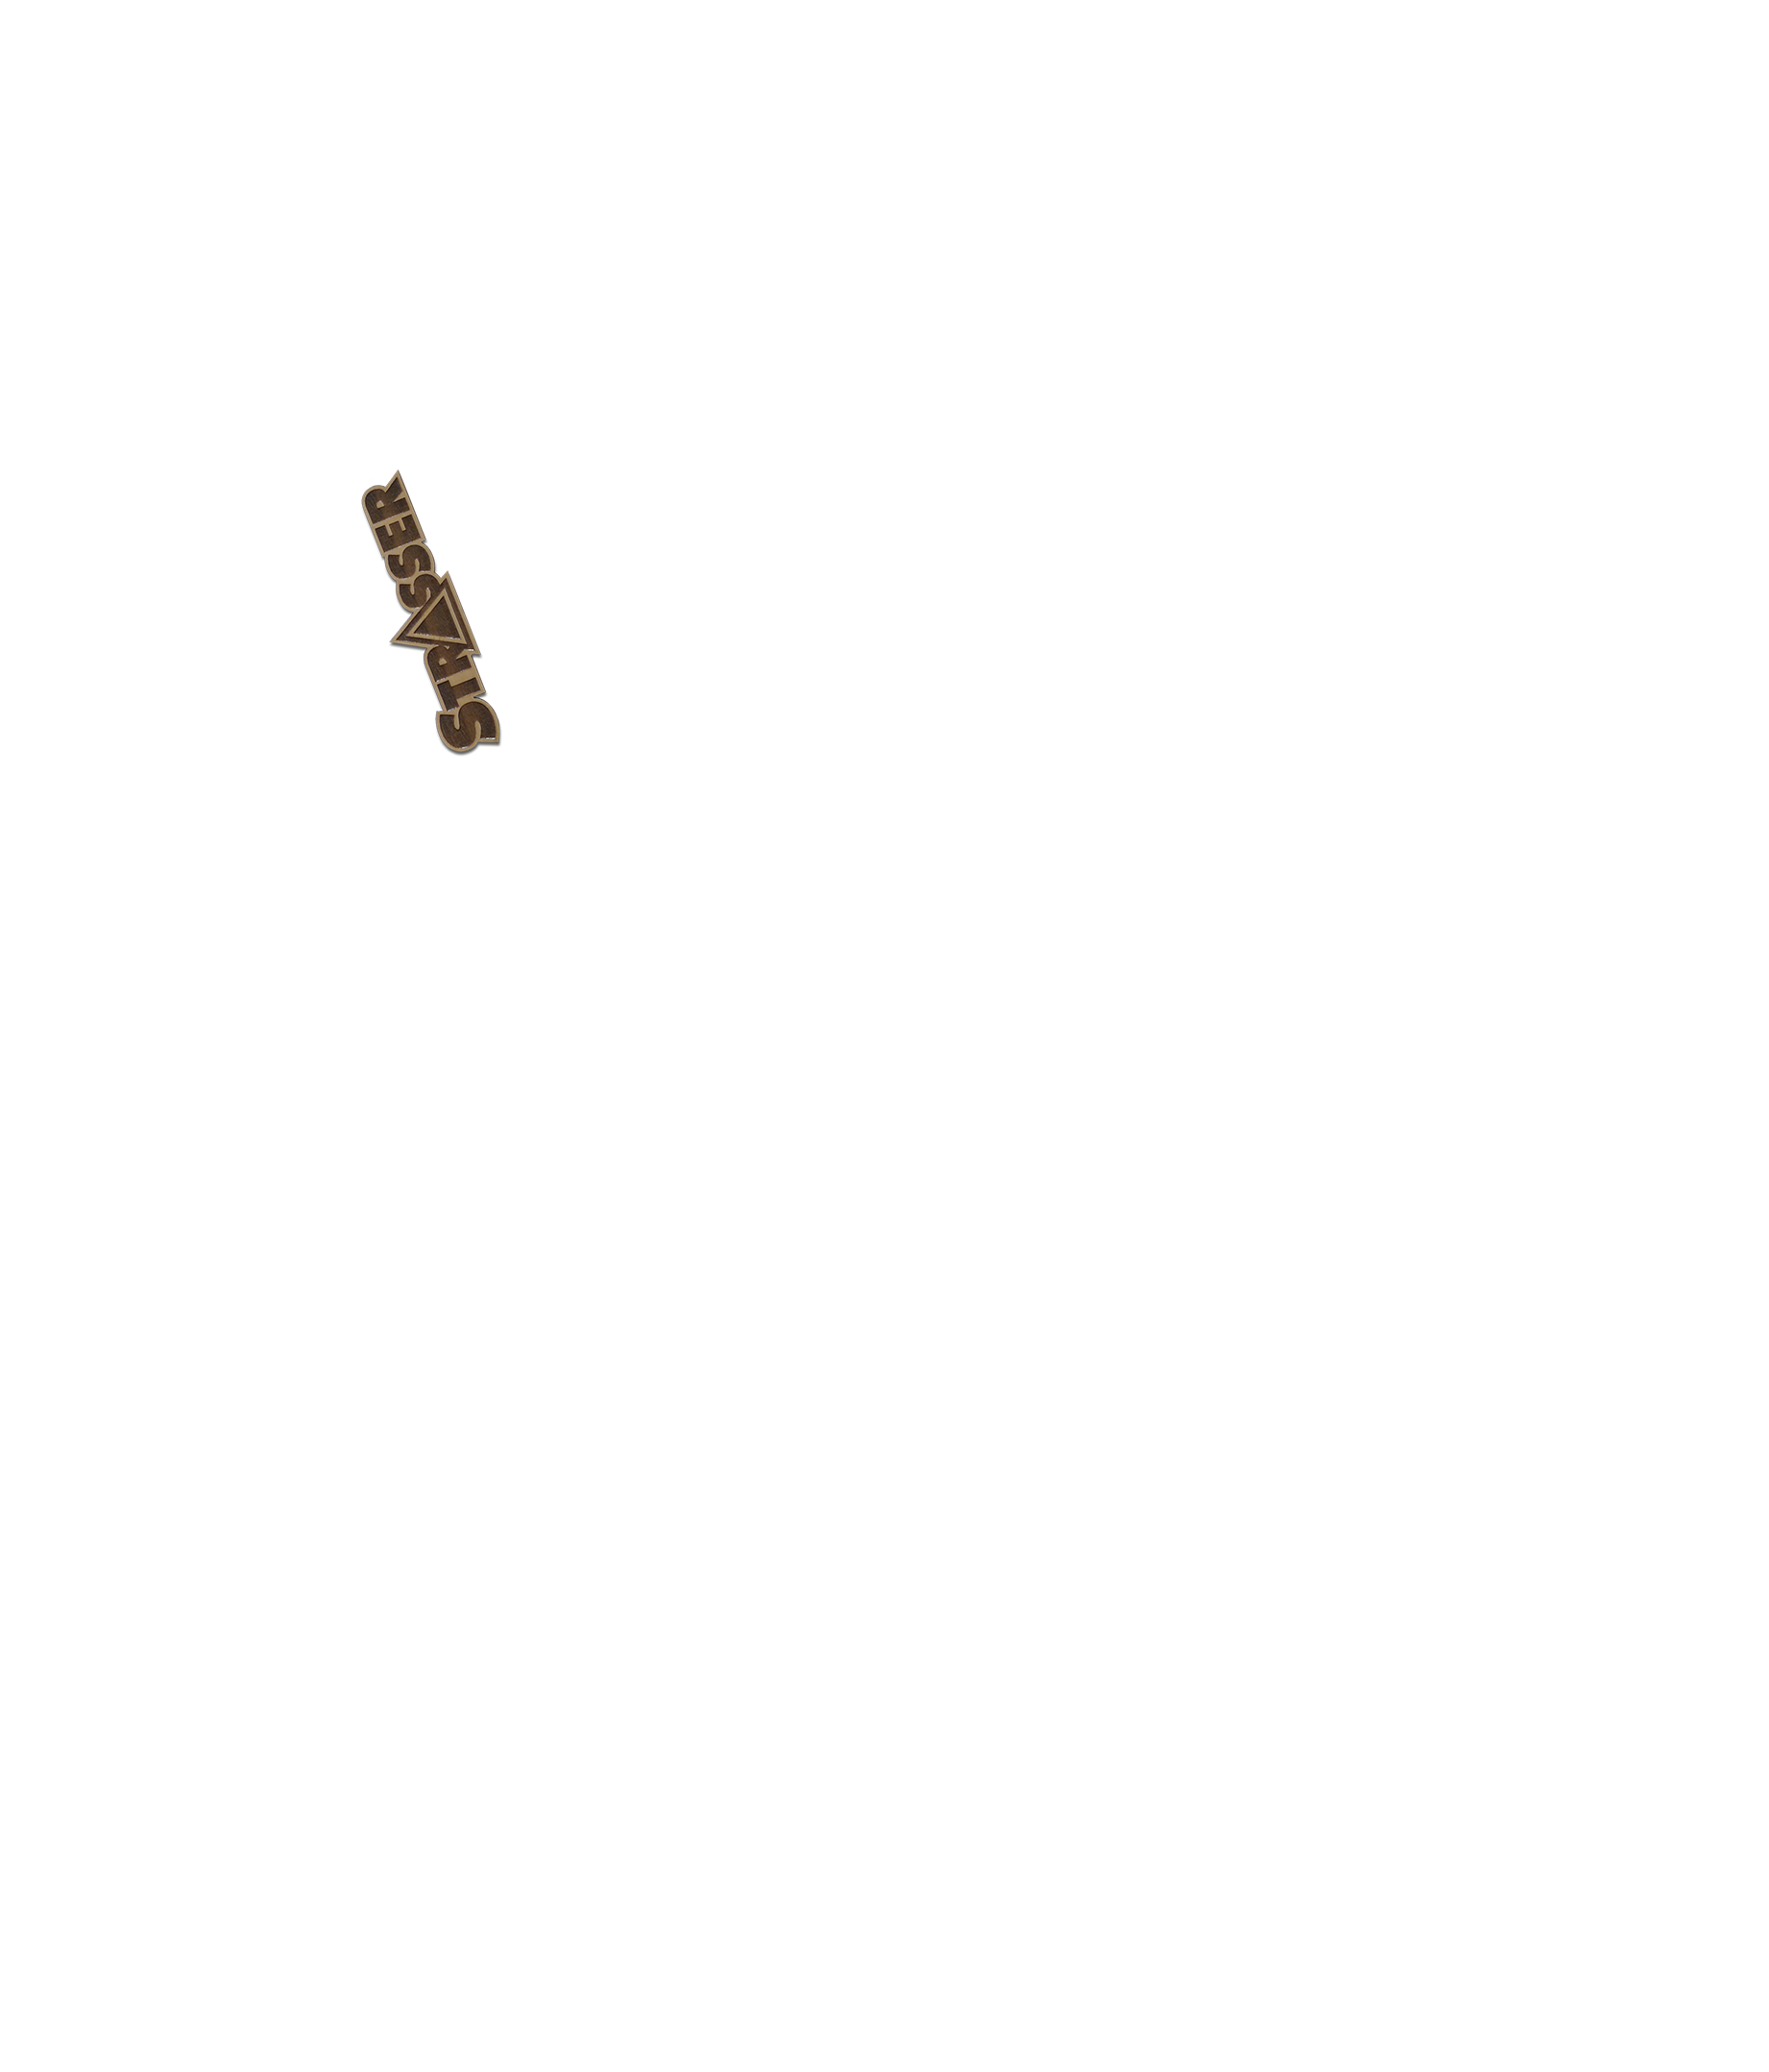 Linde Dunkel